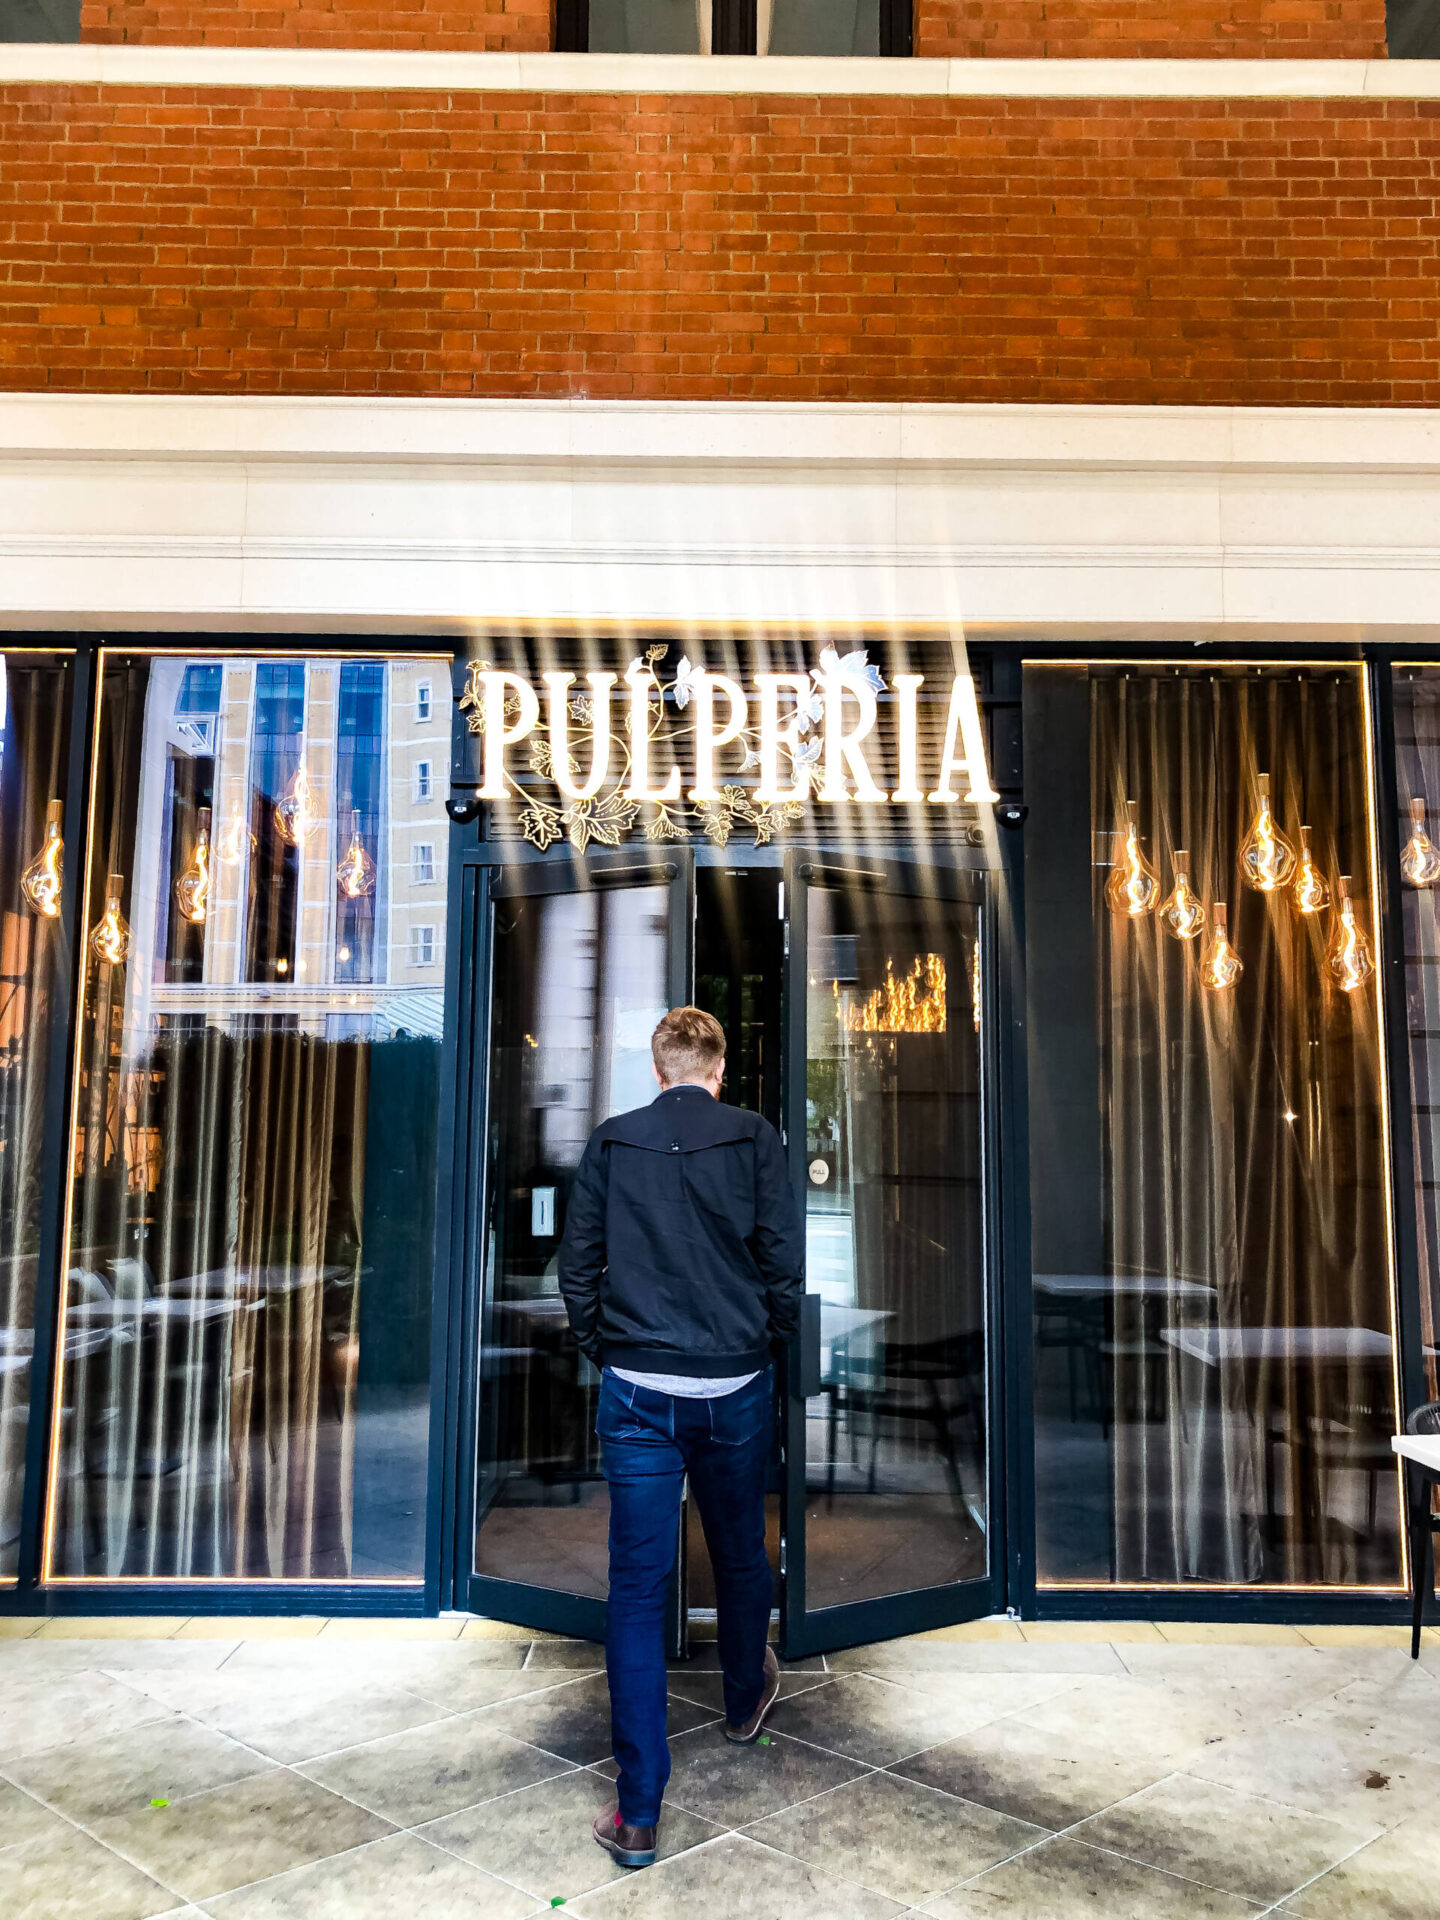 Pulperia Birmingham Entrance Doors